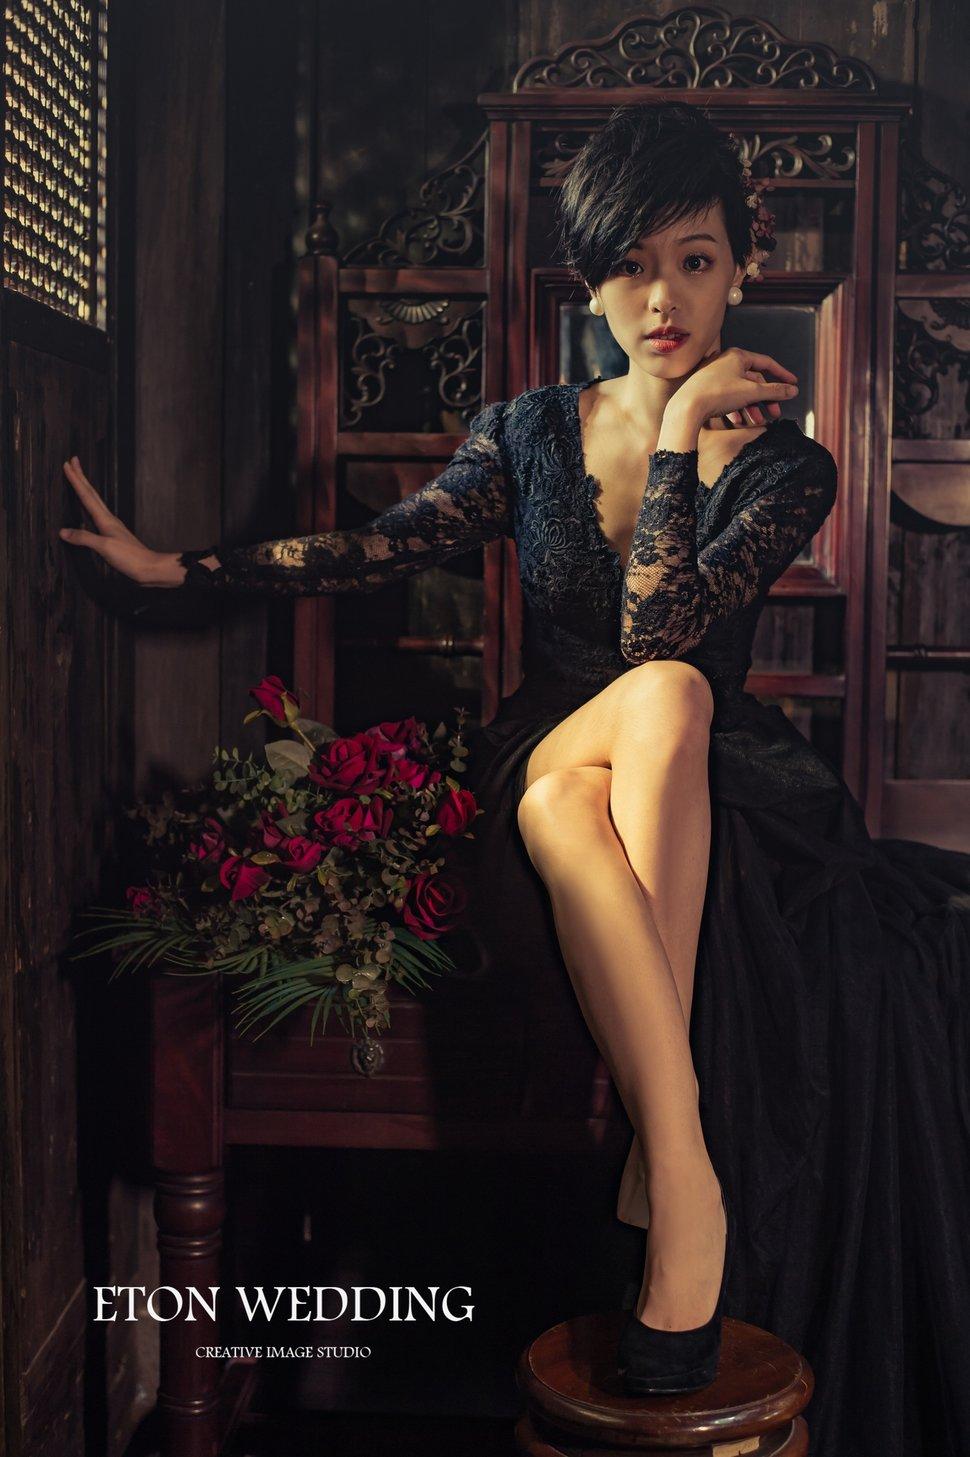 台北婚紗,伊頓自助婚紗 (14) - 伊頓自助婚紗 ▌台北高雄板橋桃園新竹台南《結婚吧》